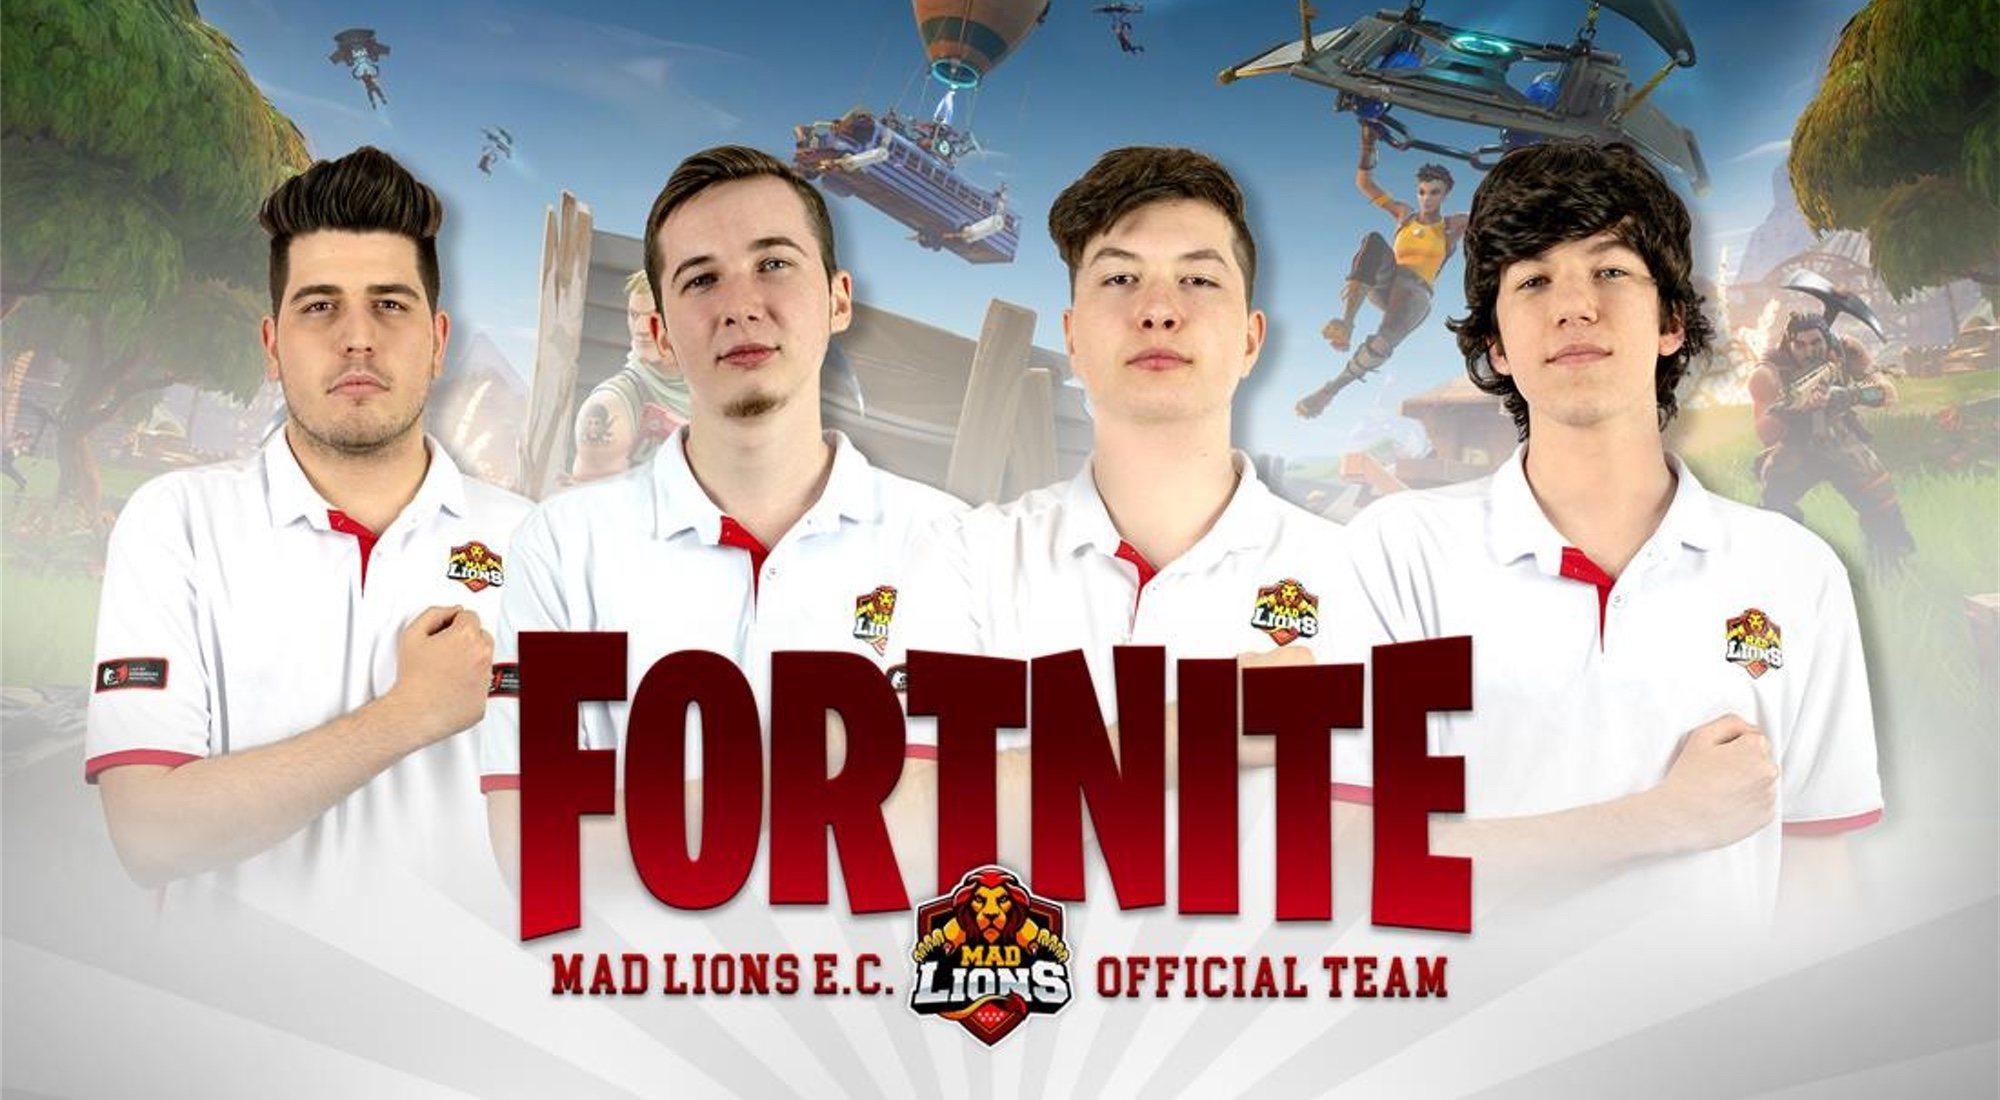 Entrevista al equipo de 'Fortnite' de MAD Lions E.C.